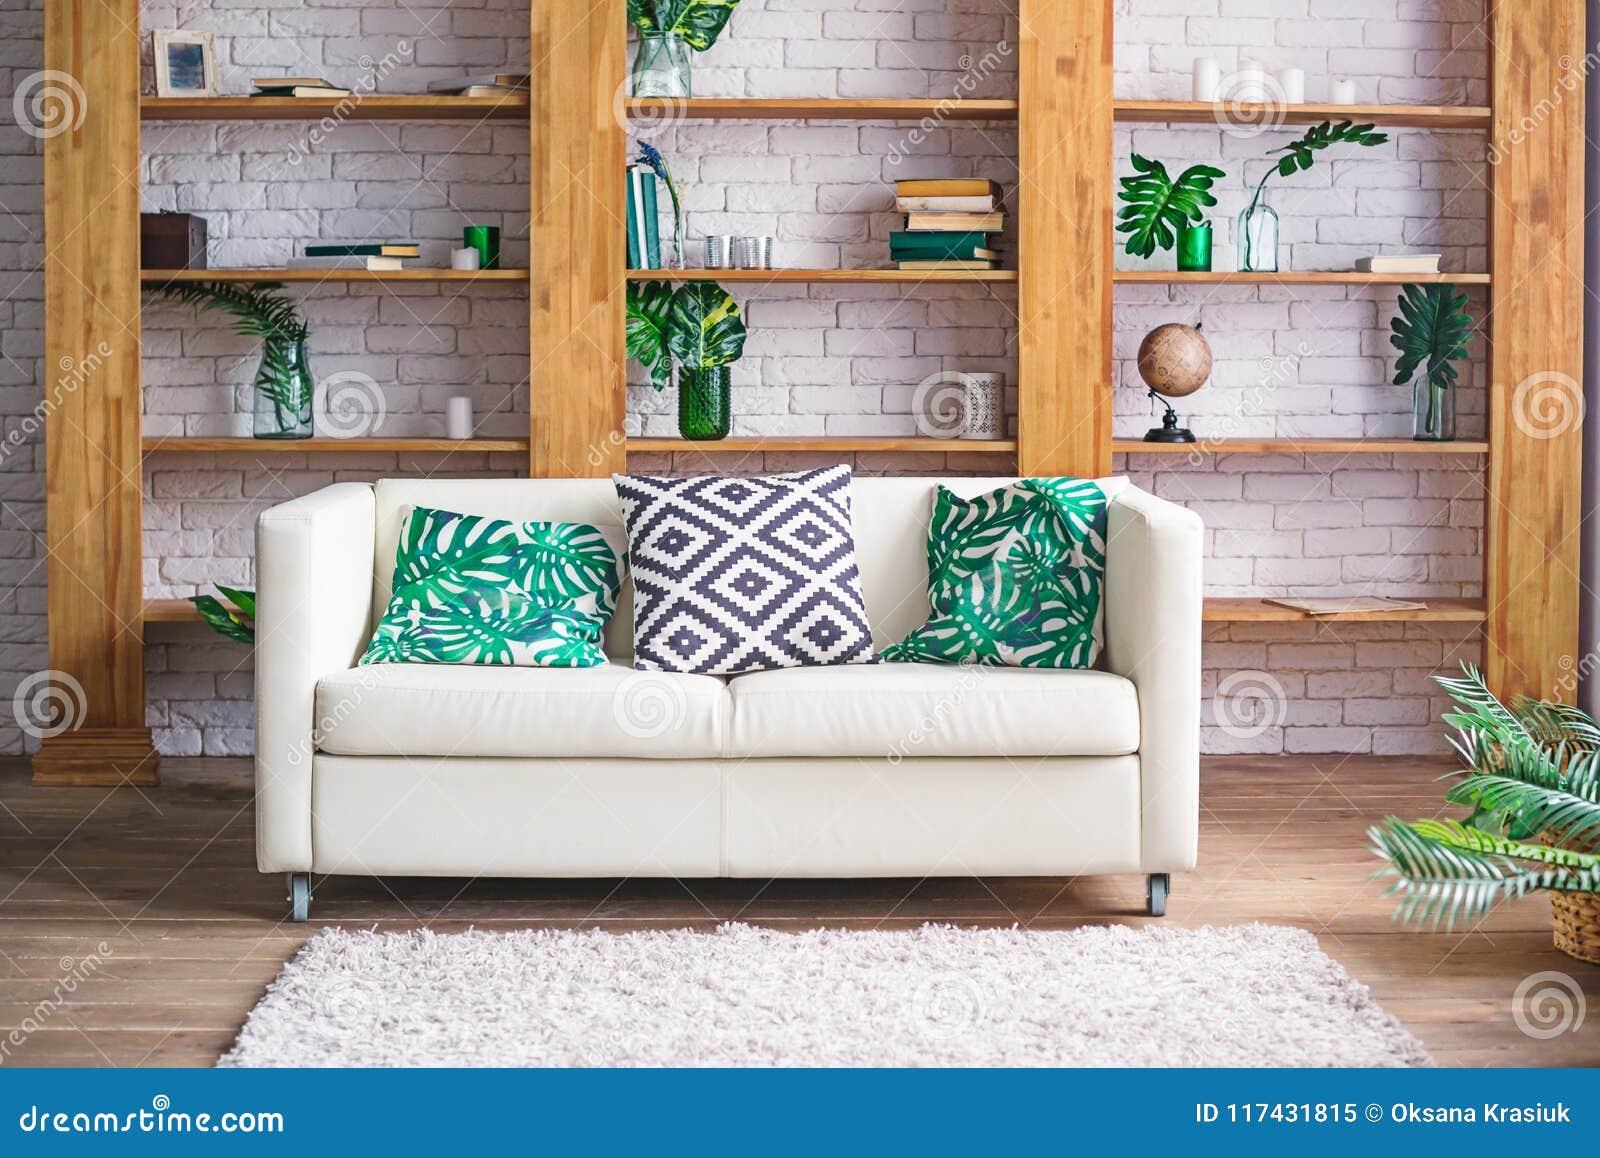 Άνετο ελαφρύ δωμάτιο με τις εγκαταστάσεις, τον άσπρο καναπέ και τα μοντέρνα έπιπλα στο Σκανδιναβικό ύφος Εσωτερική έννοια καθιστι